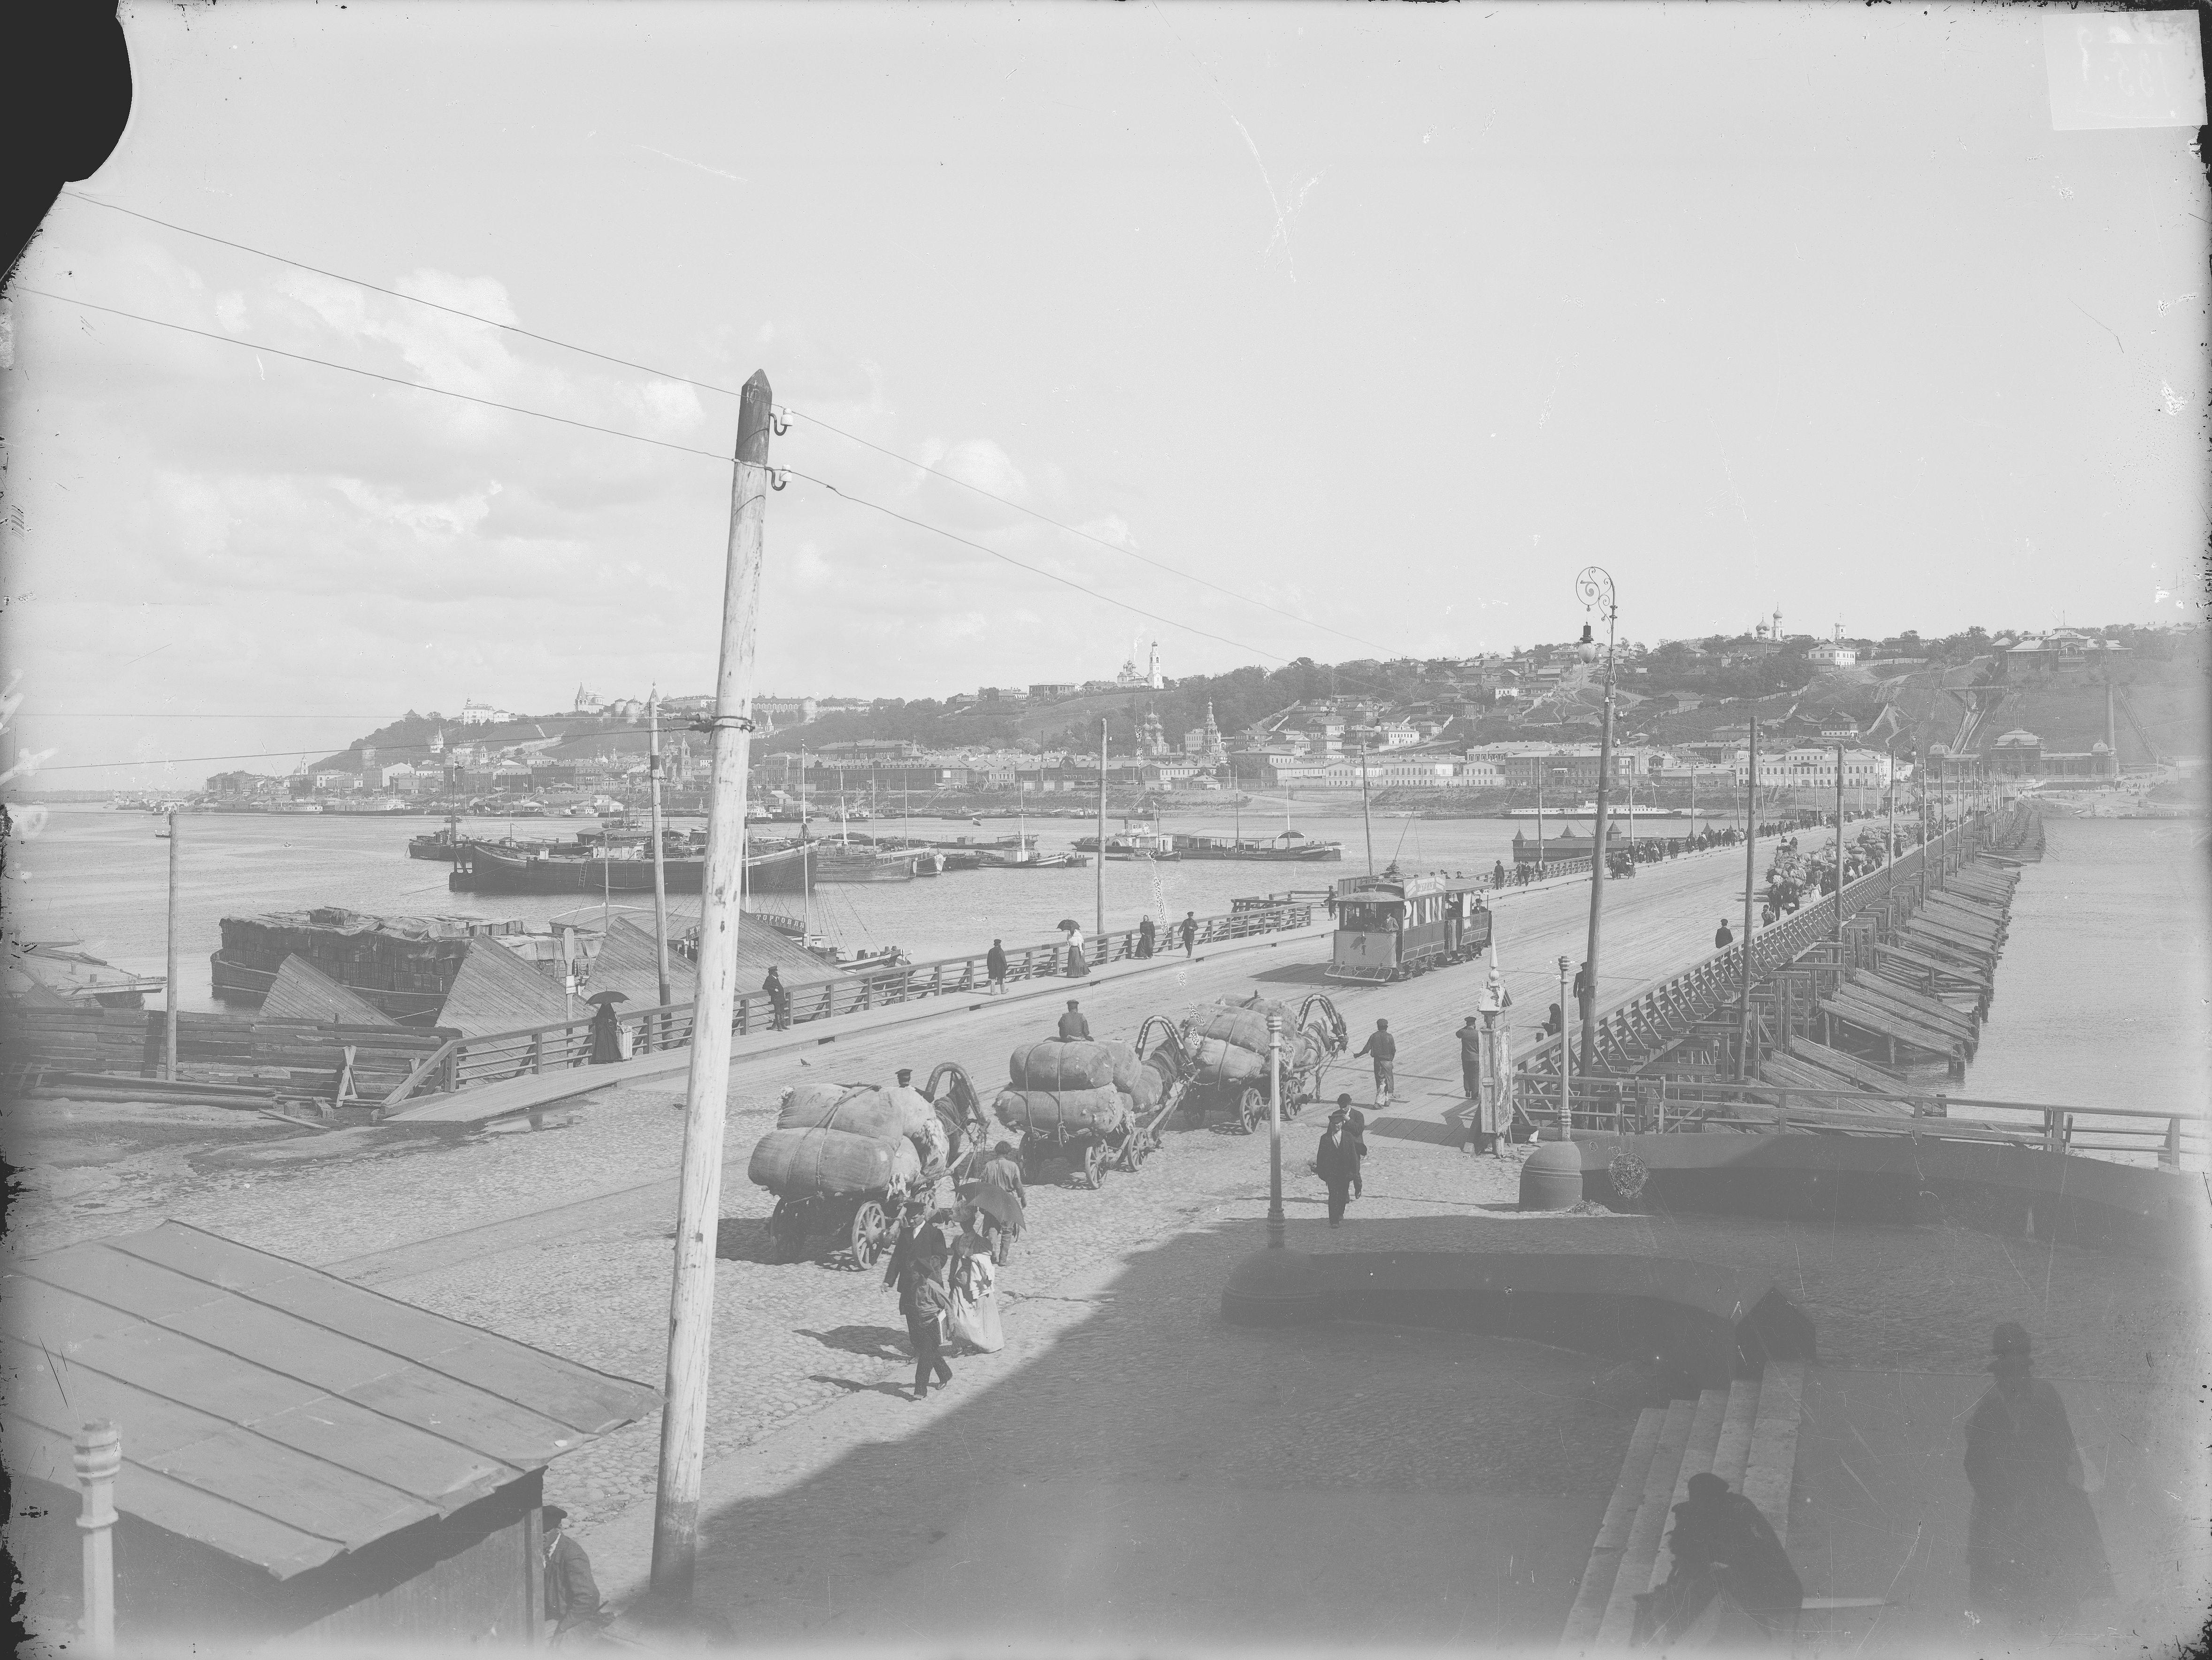 Вид нагорной части города и плашкоутного моста через реку Оку